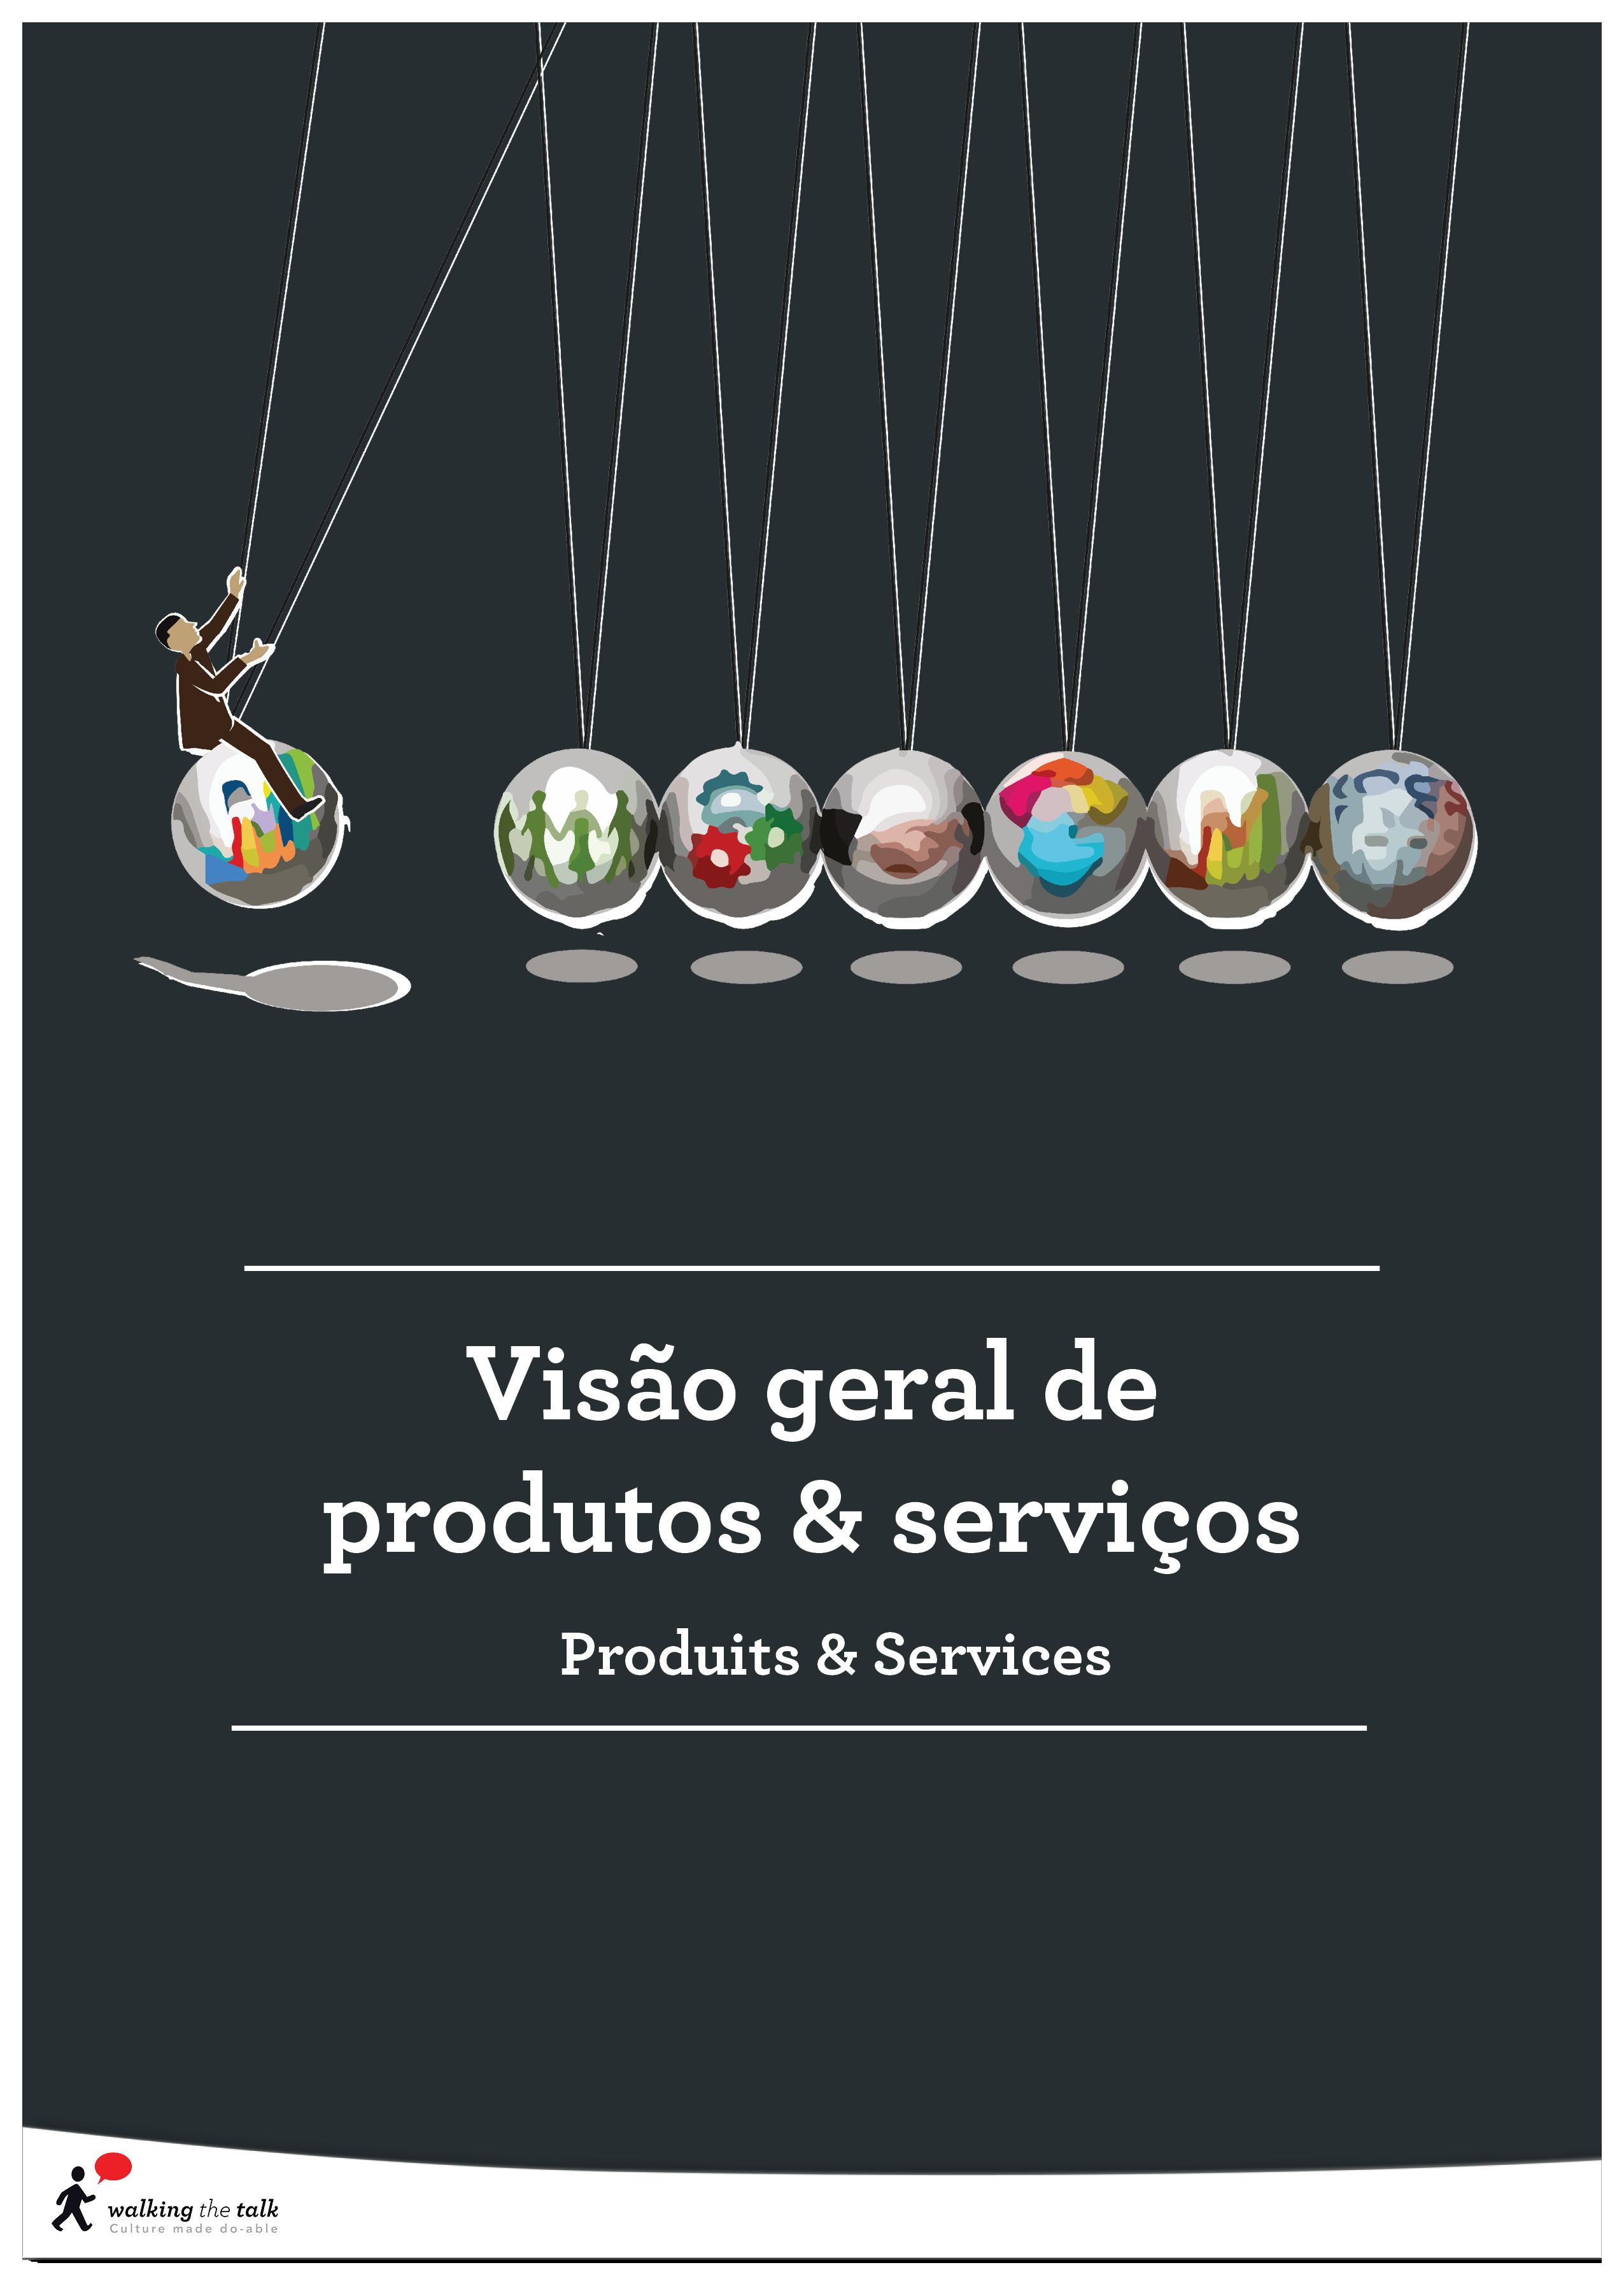 VISÃO GERAL PRODUTOS & SERVIÇOS